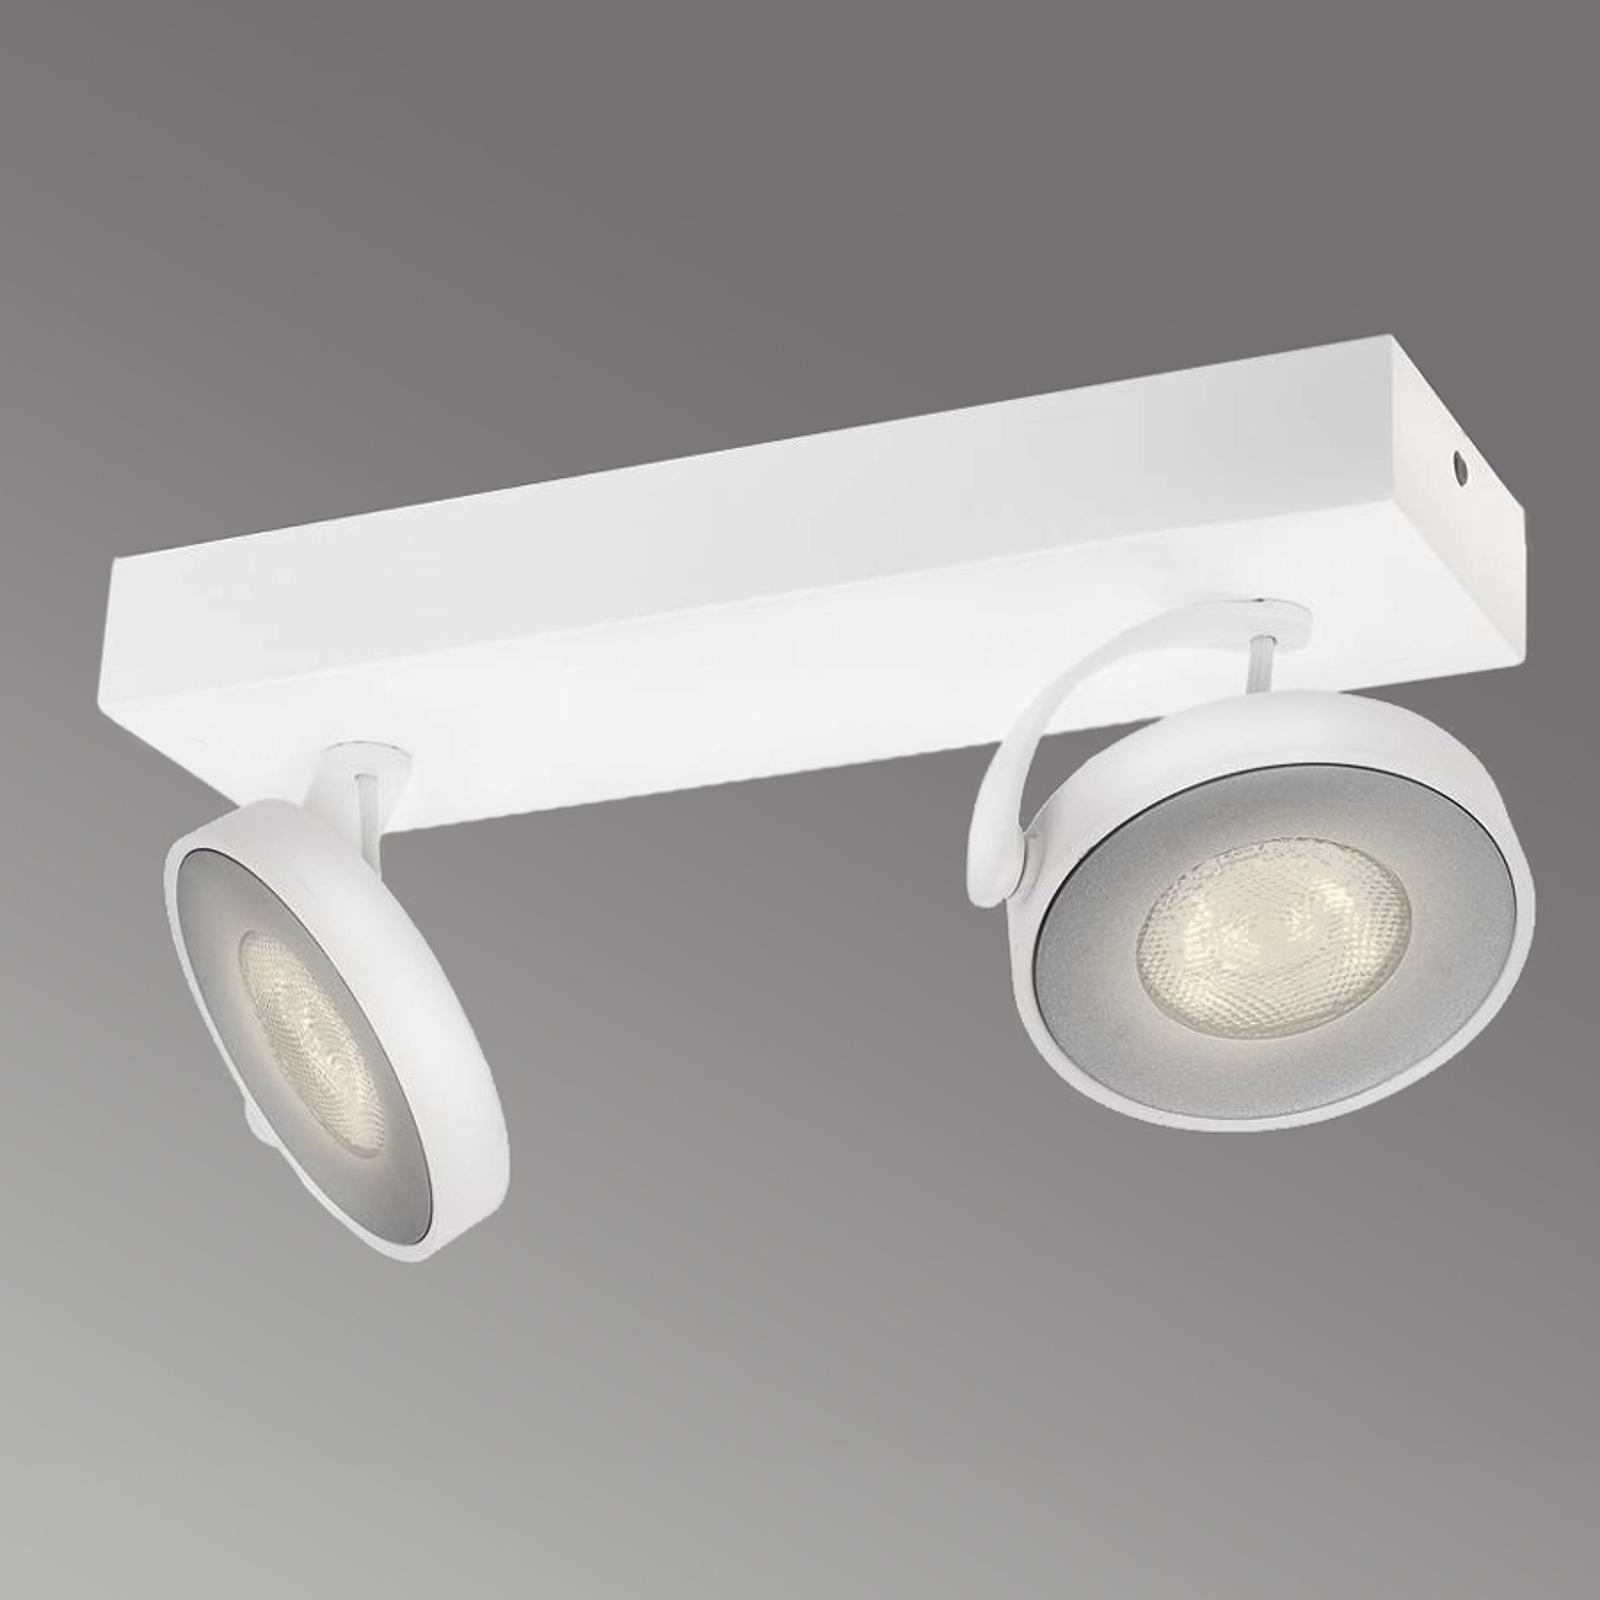 Topunkts LED-spot Clockwork i hvitt